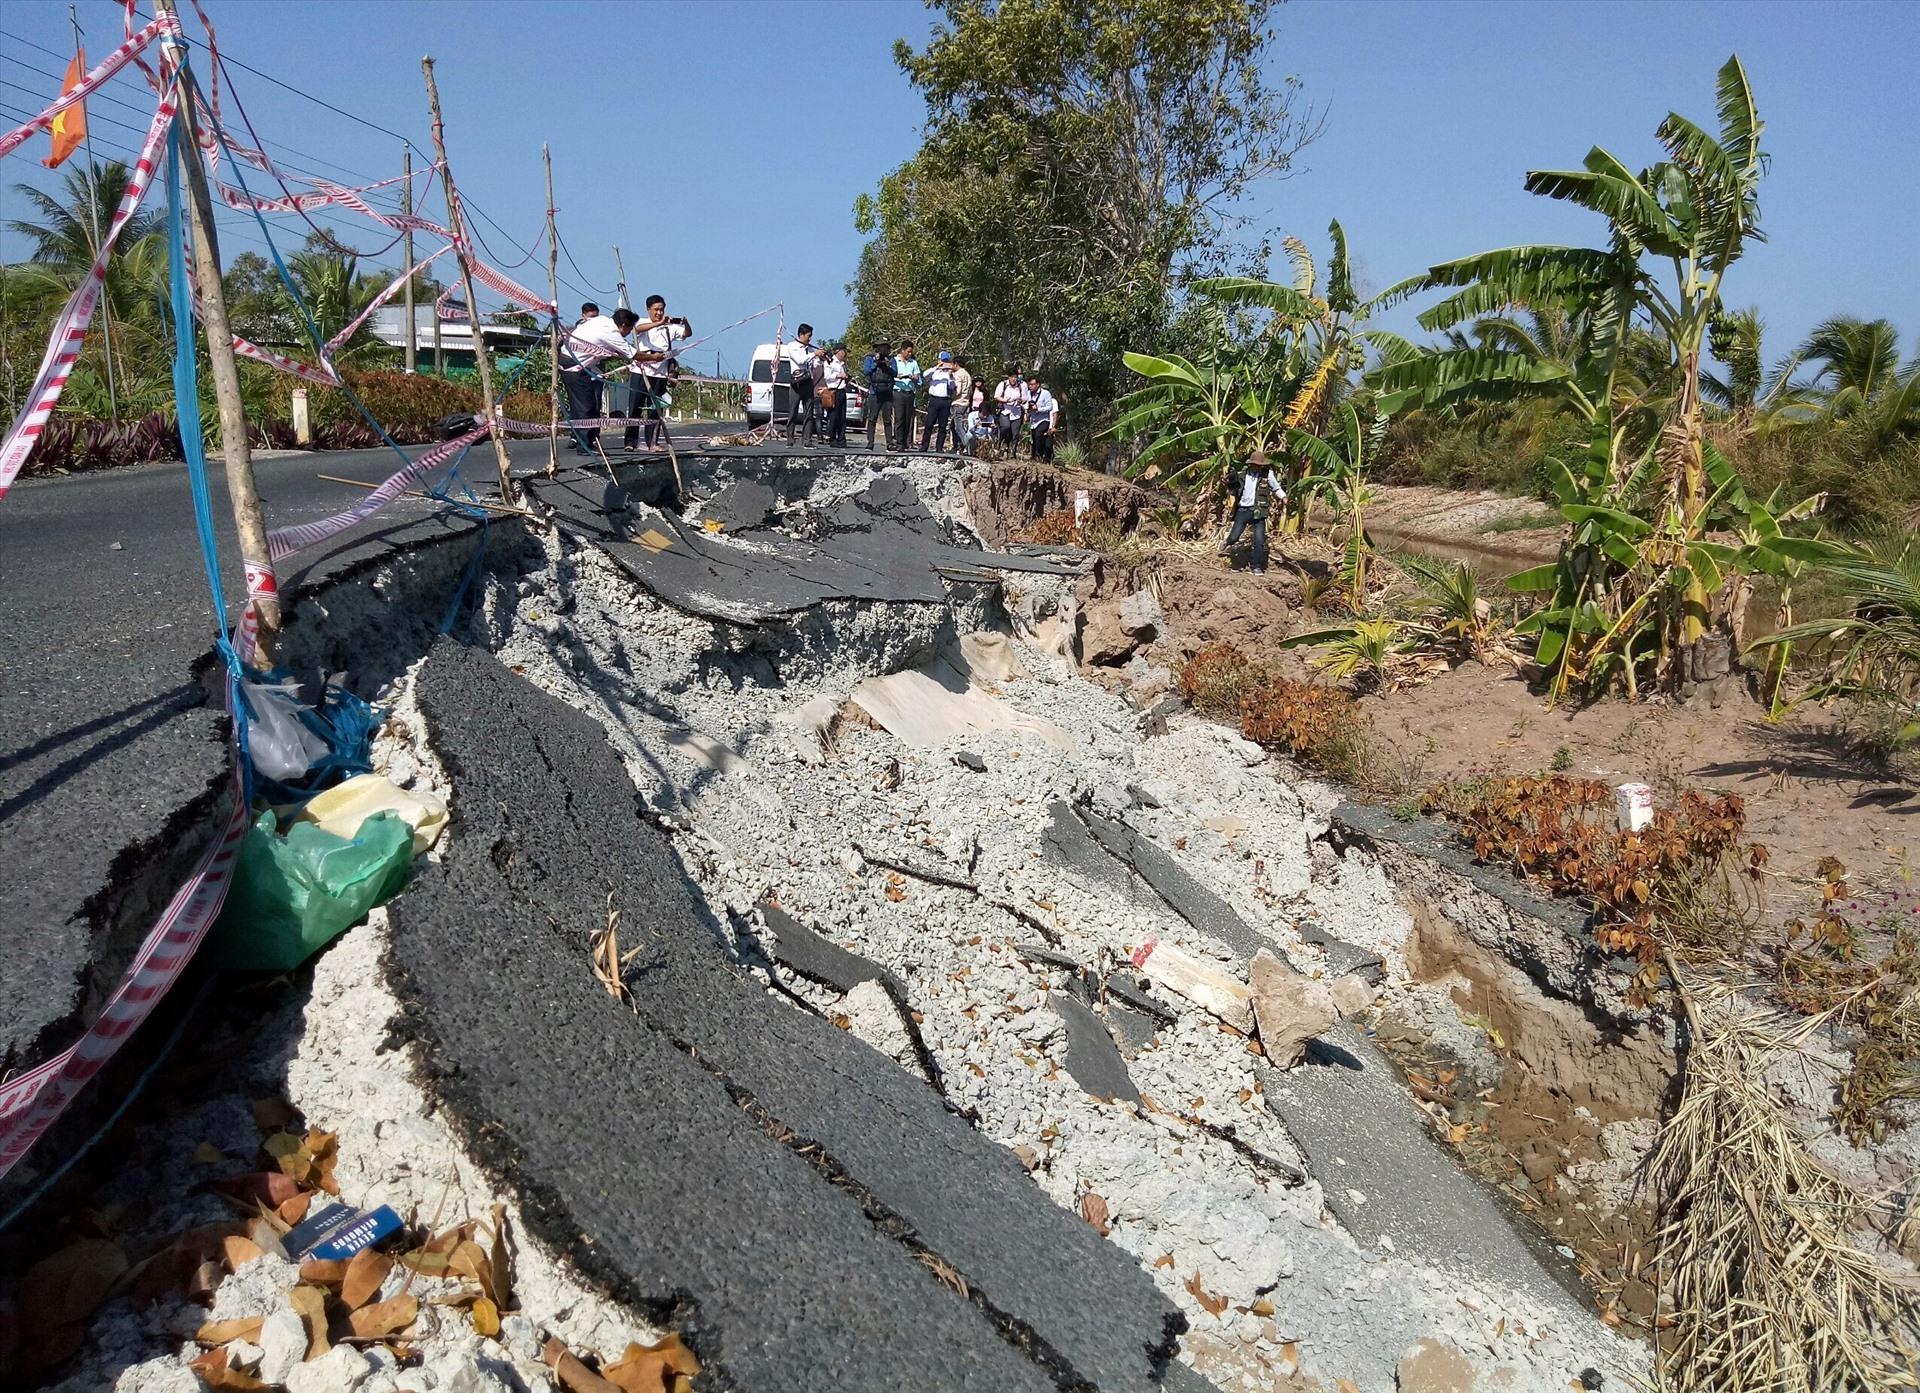 Khô hạn gâu sụp lở đất, chia cắt giao thông tại Cà Mau (ảnh Nhật Hồ)